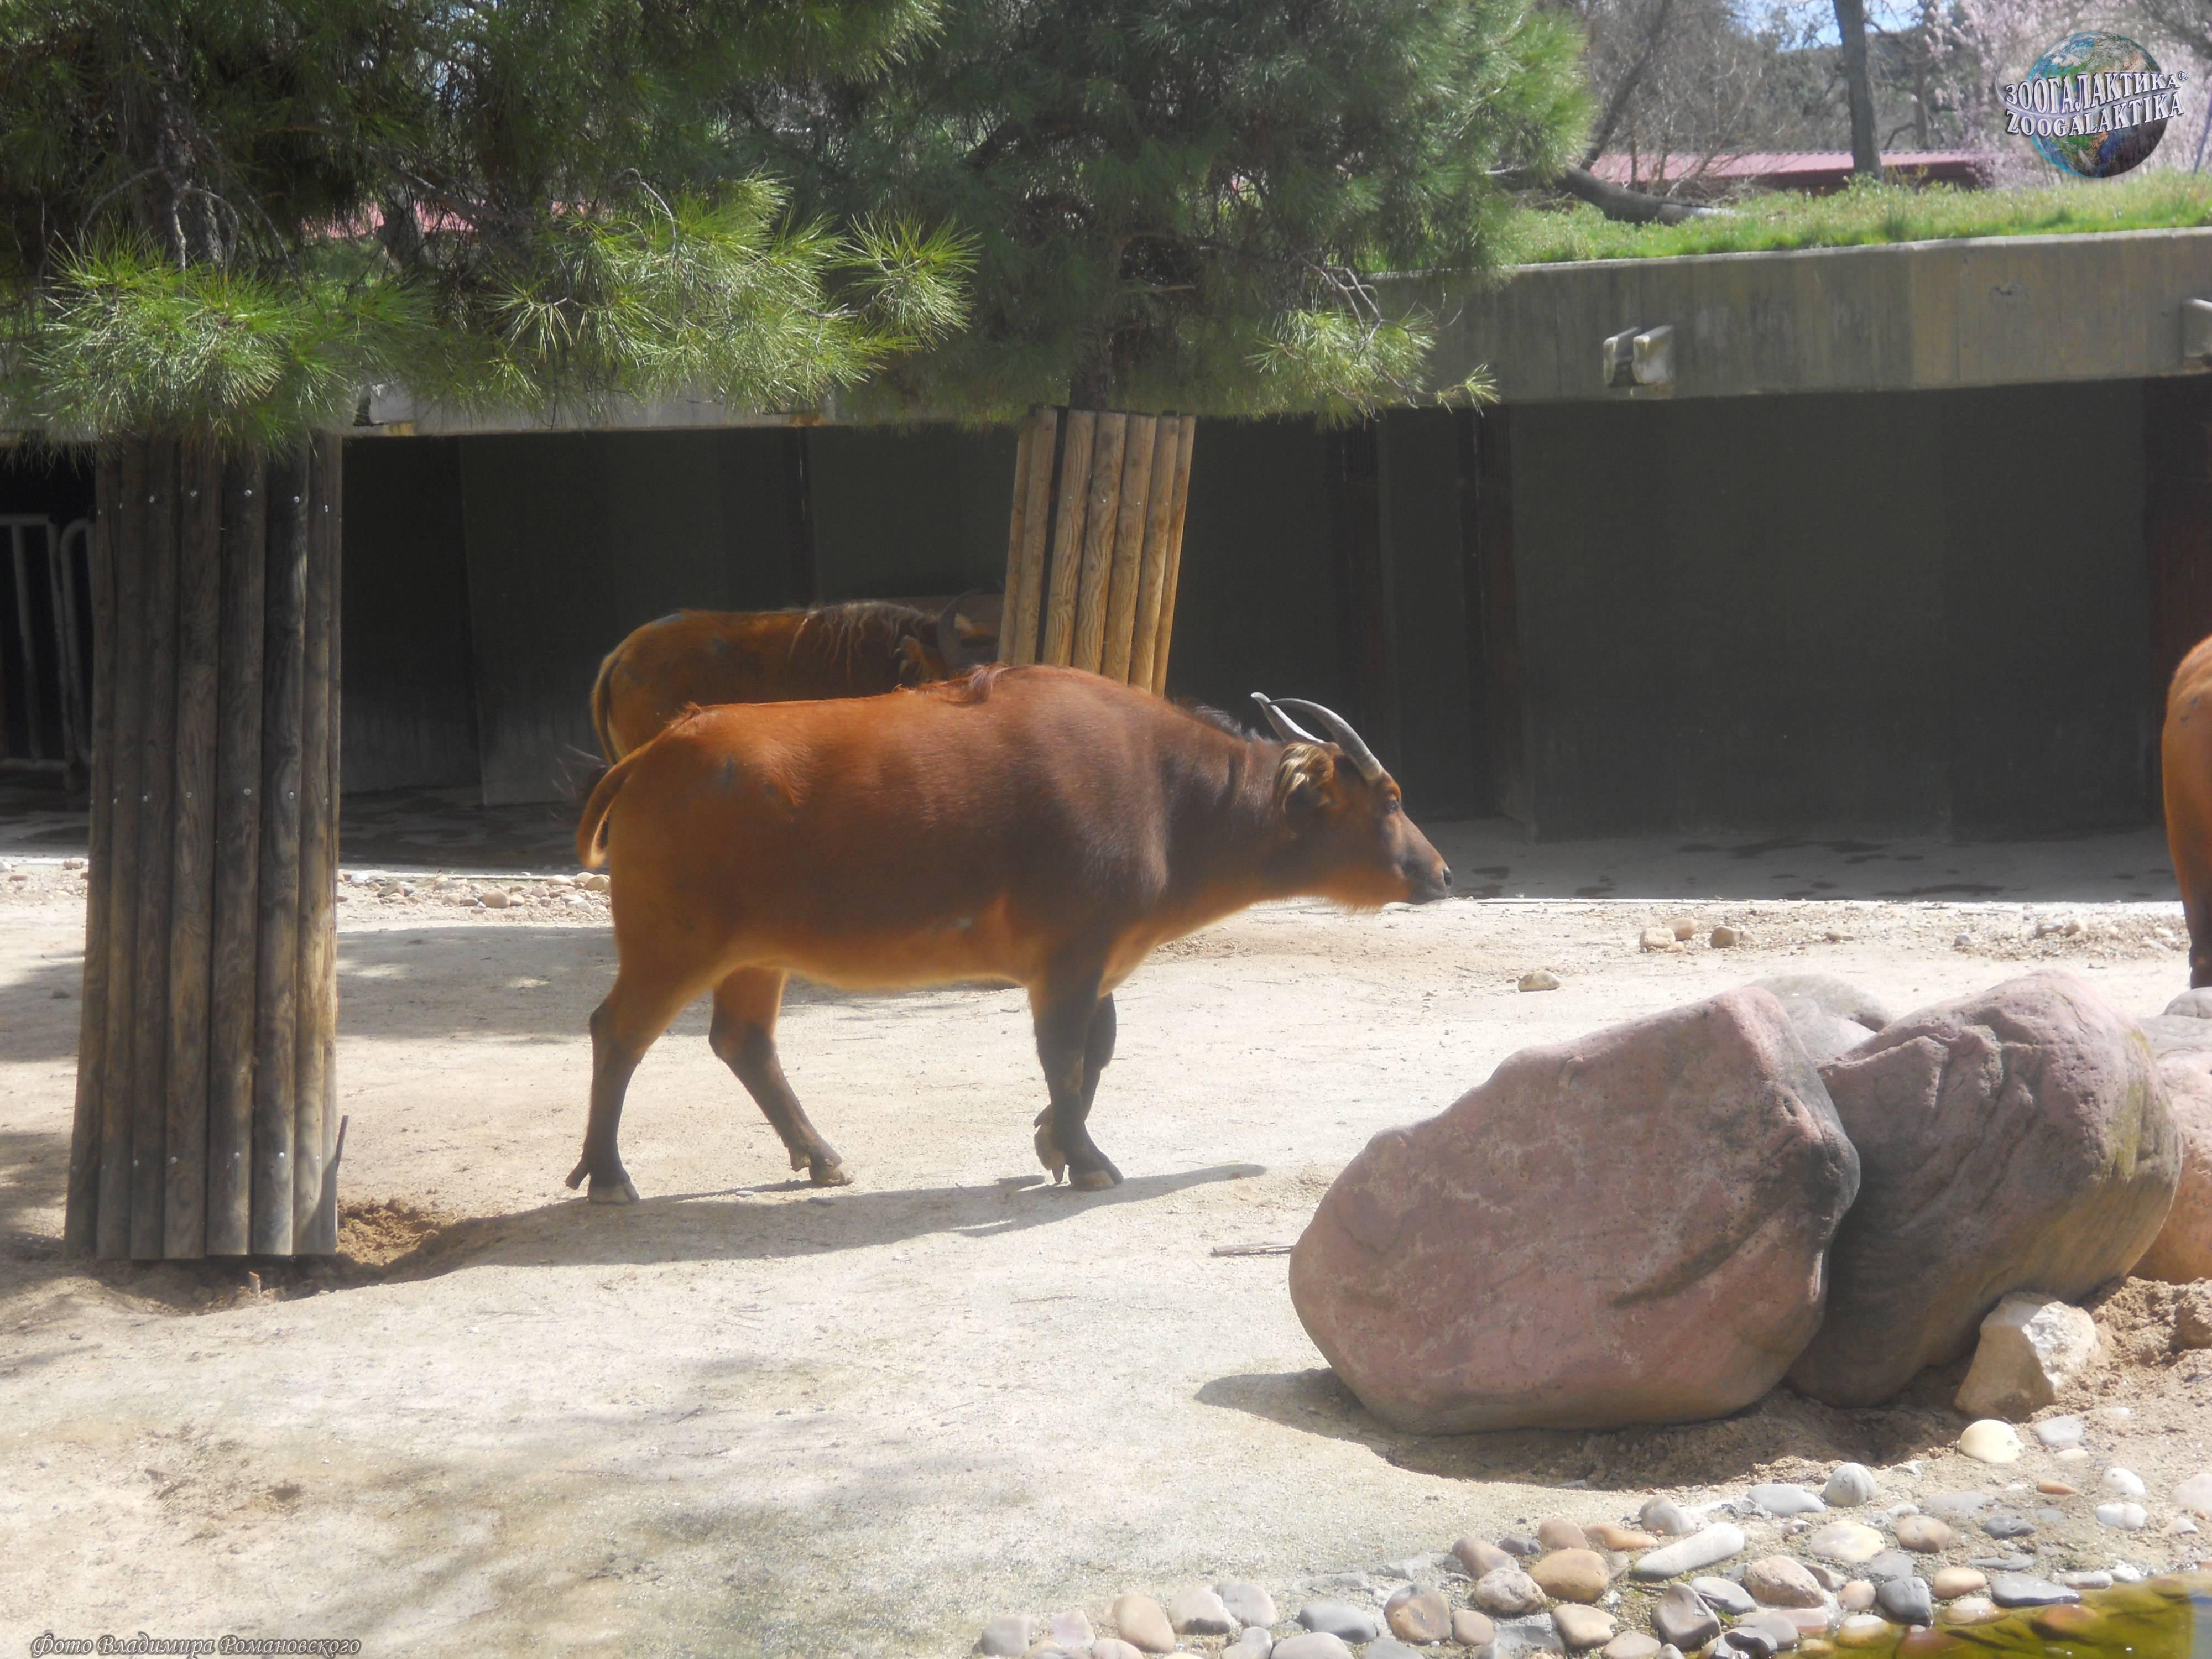 Уникальное животное среди буйволов: карликовый буйвол